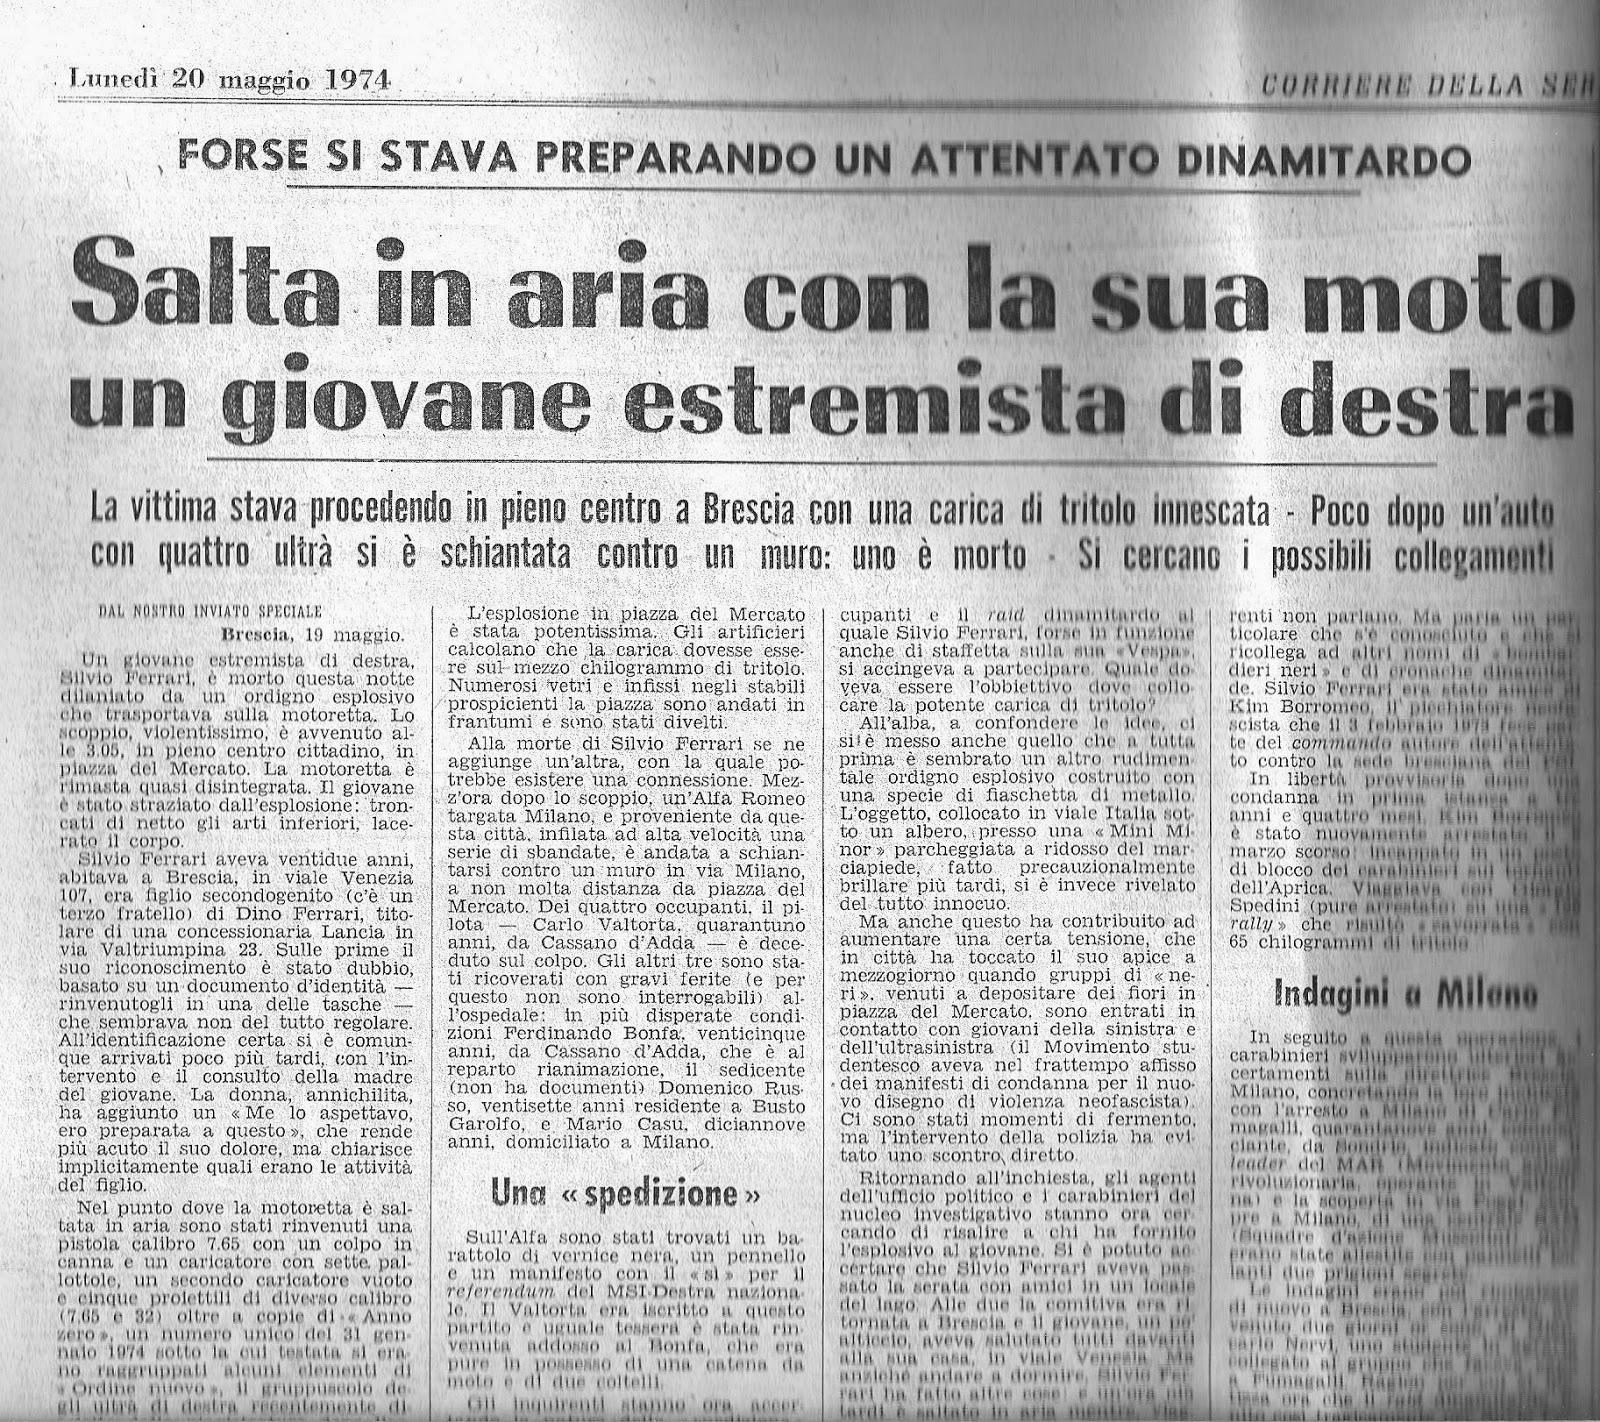 Avanguardia nazionale bergamo silvio ferrari presente for Necrologio corriere della sera